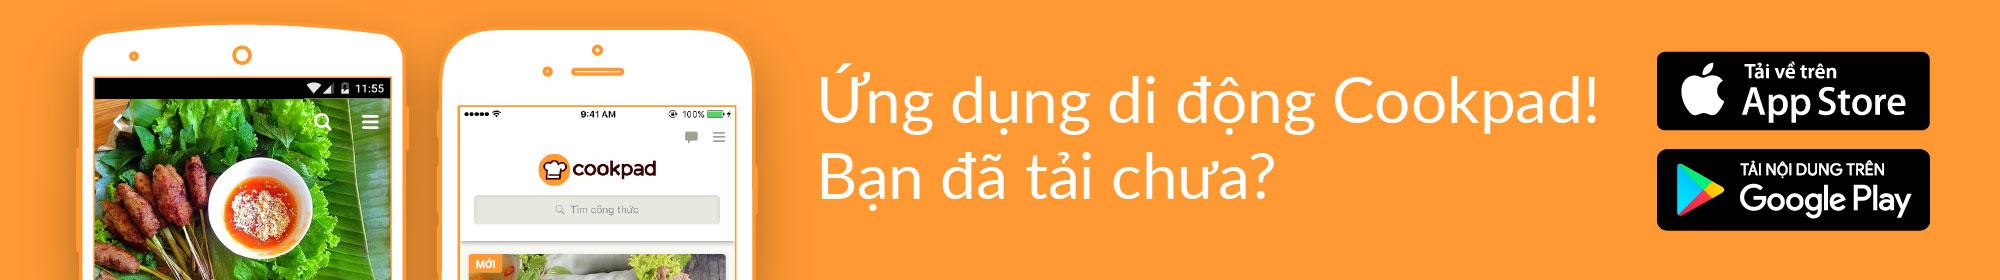 Tải ứng dụng Cookpad để tham gia cộng đồng nấu ăn tại gia lớn nhất Việt Nam!